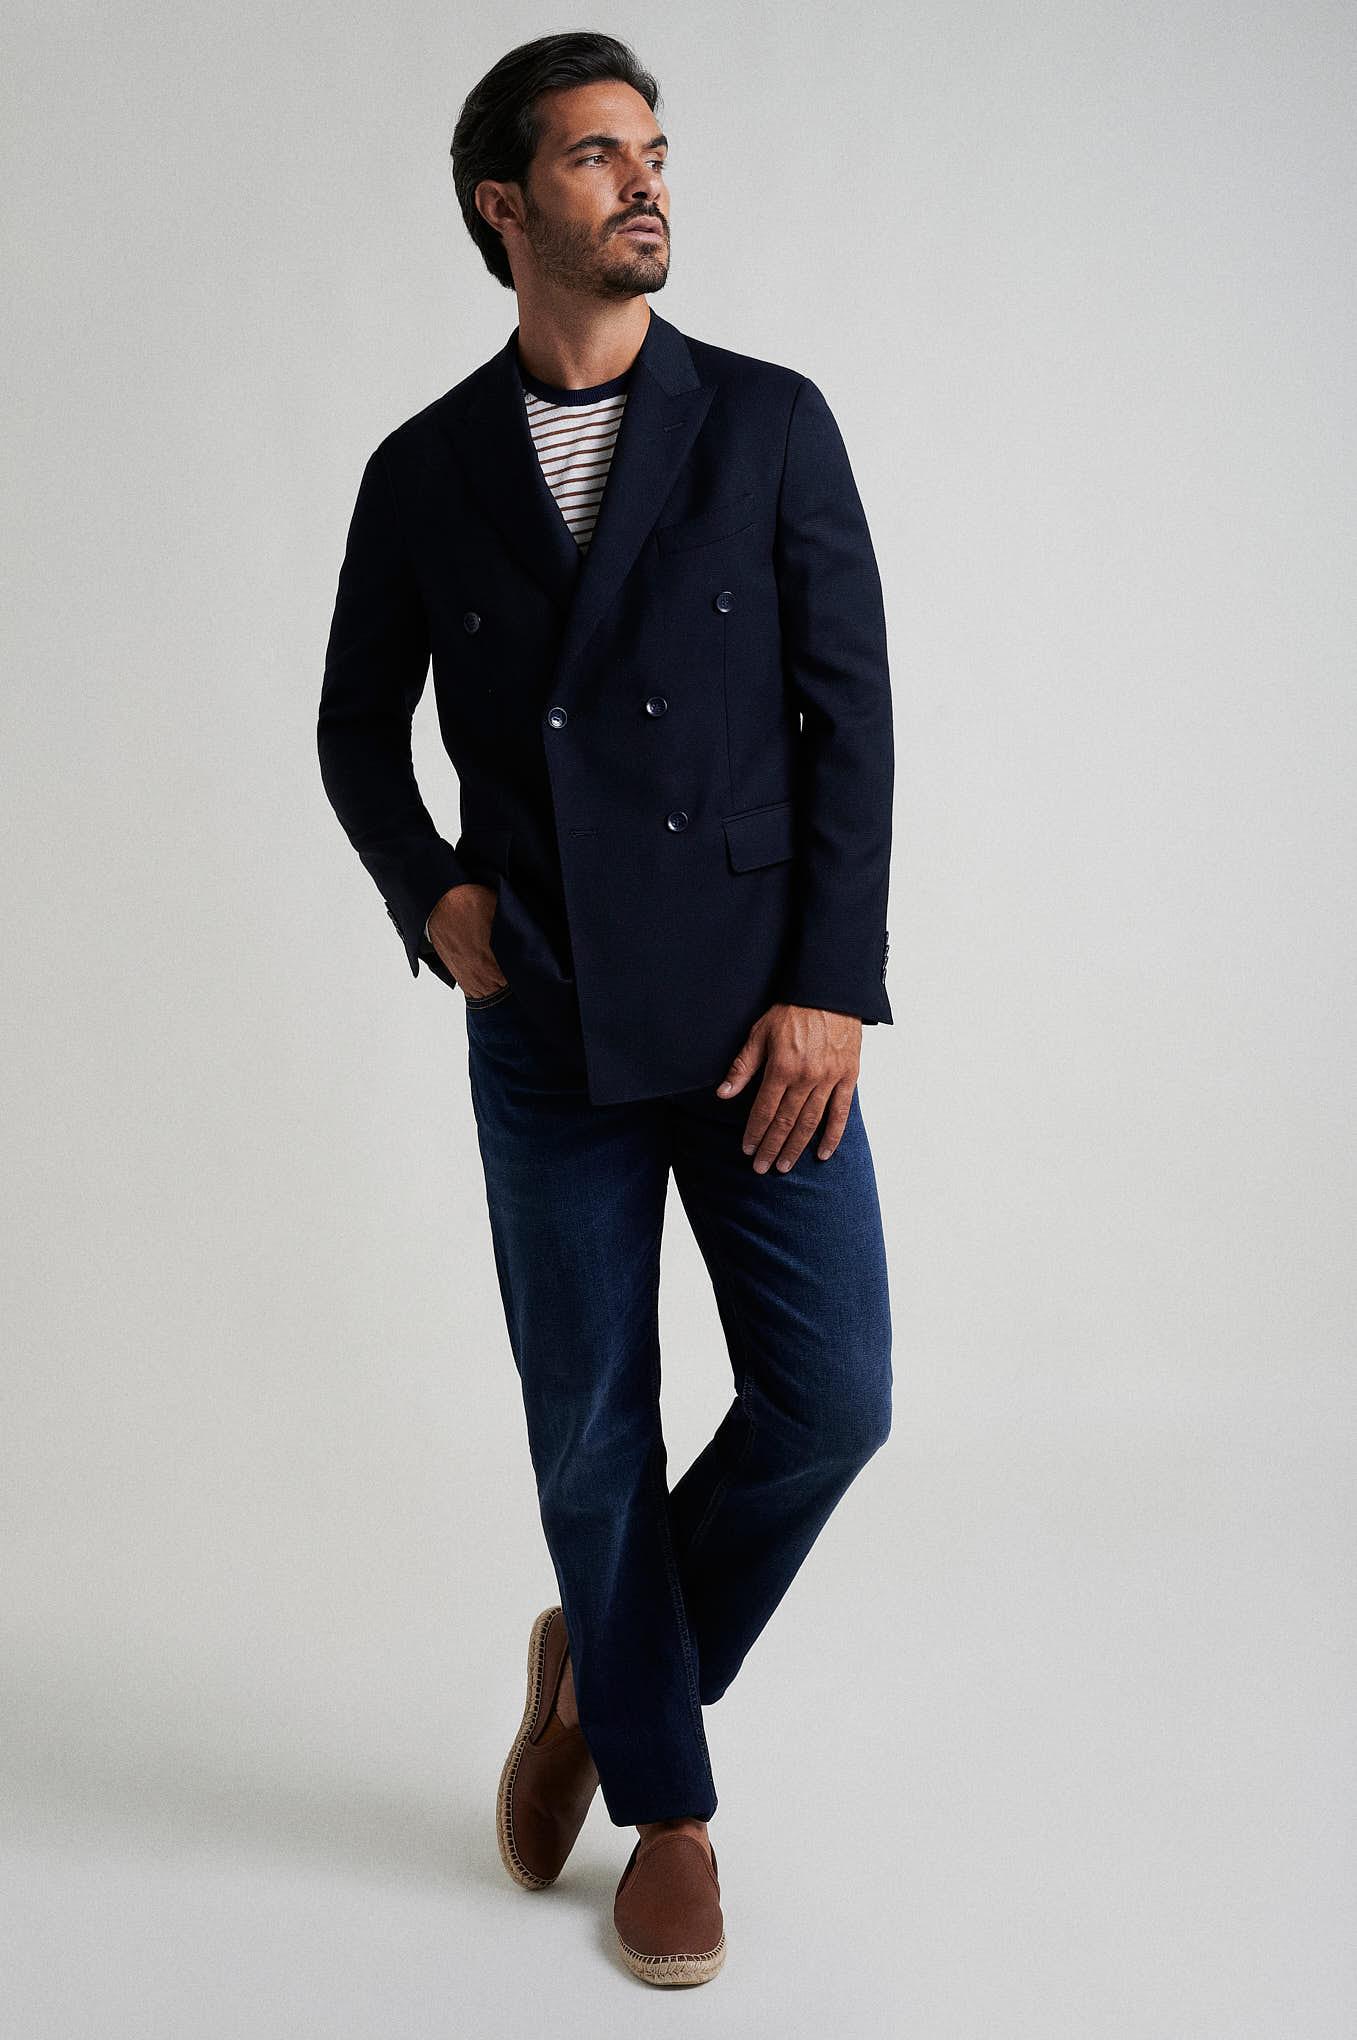 Blazer Azul Escuro Formal Homem